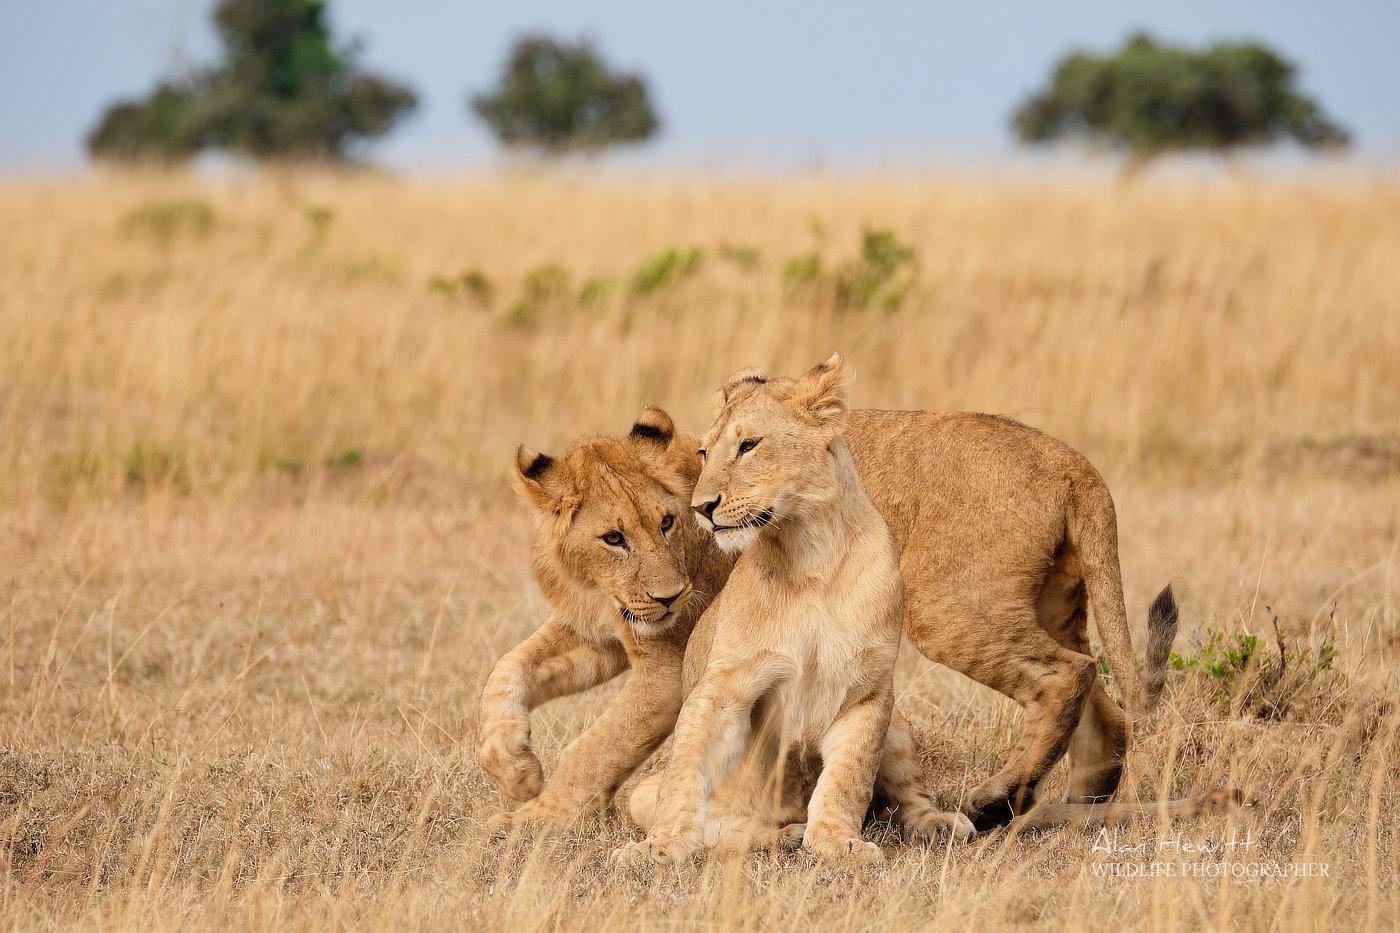 Playful Lion Cubs, Masai Mara Wildlife Photography Safari